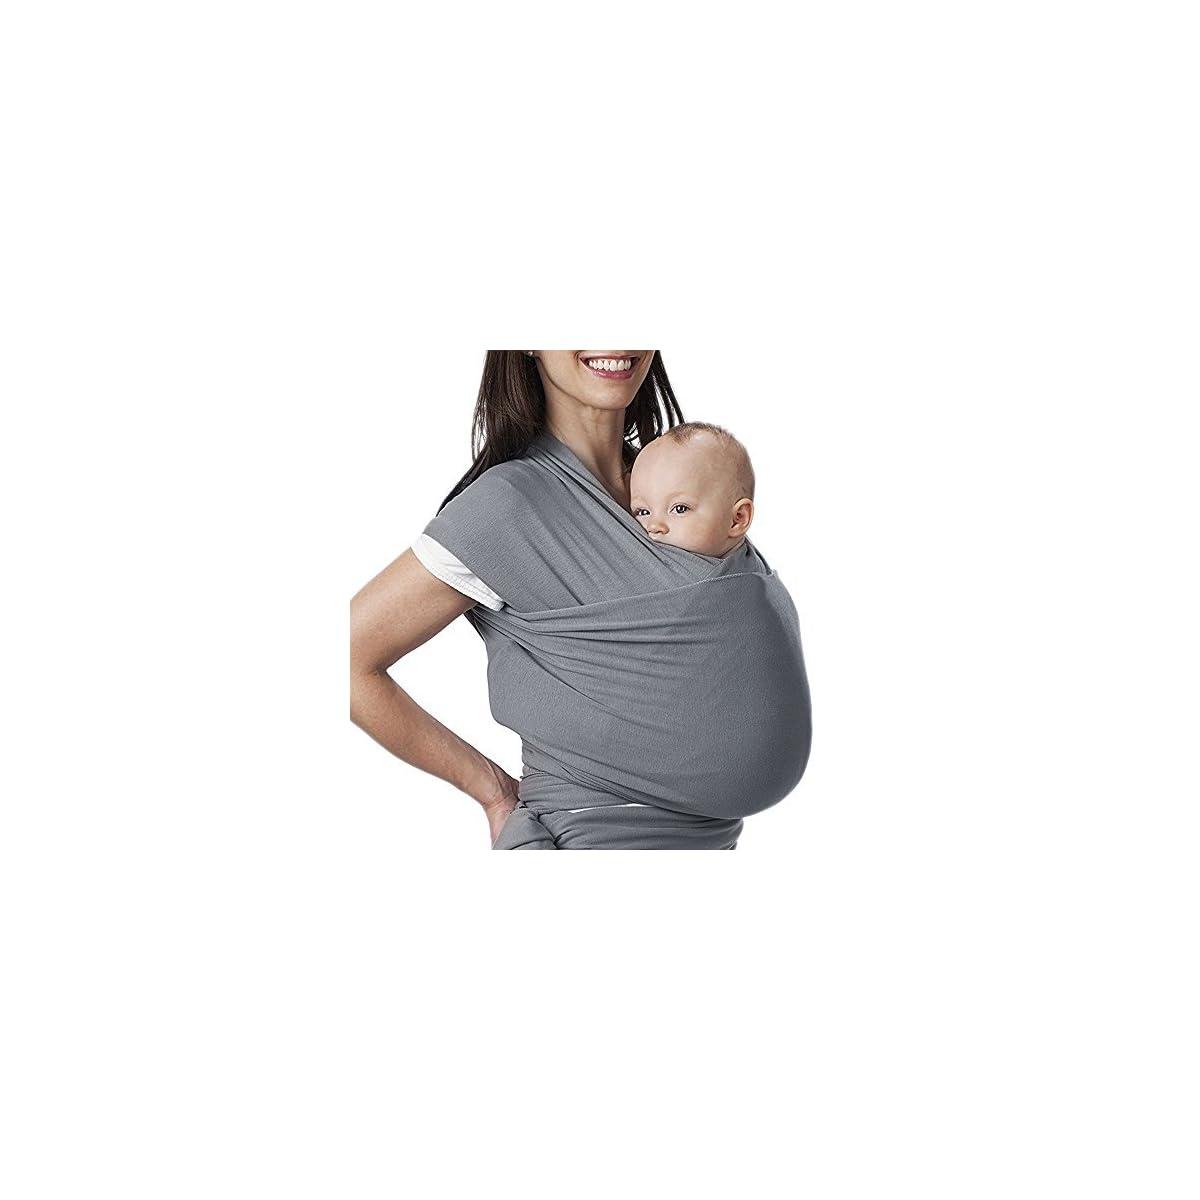 51FrXseOzHL. SS1200  - Lictin Fular Portabebés Elástico Portador de Bebé ;Pañuelo de algodón;Unisex;Para padres